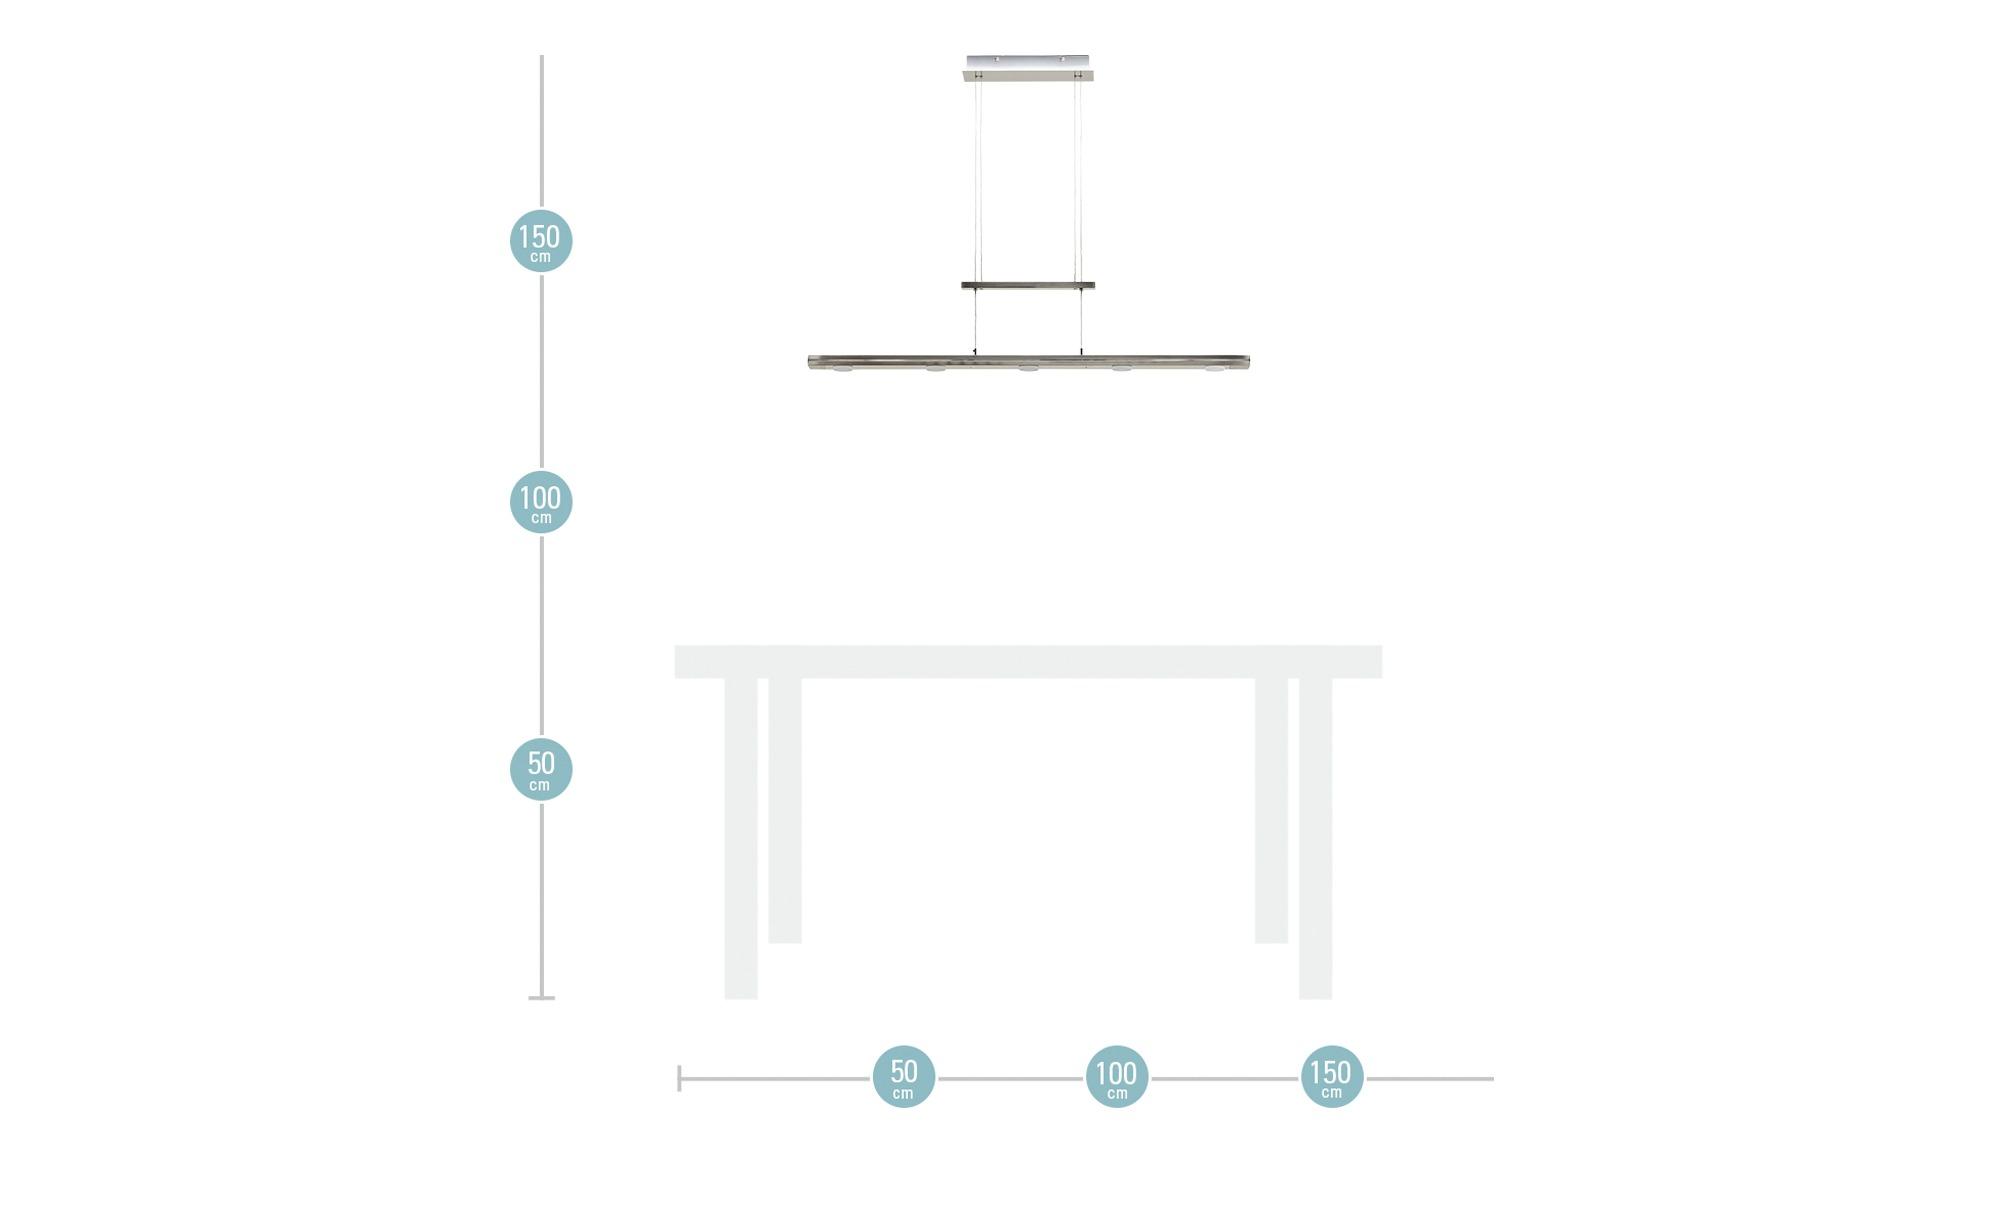 Trio LED-Pendelleuchte, nickel matt mit Dimmer ¦ silber Lampen & Leuchten > LED-Leuchten > LED-Pendelleuchten - Höffner